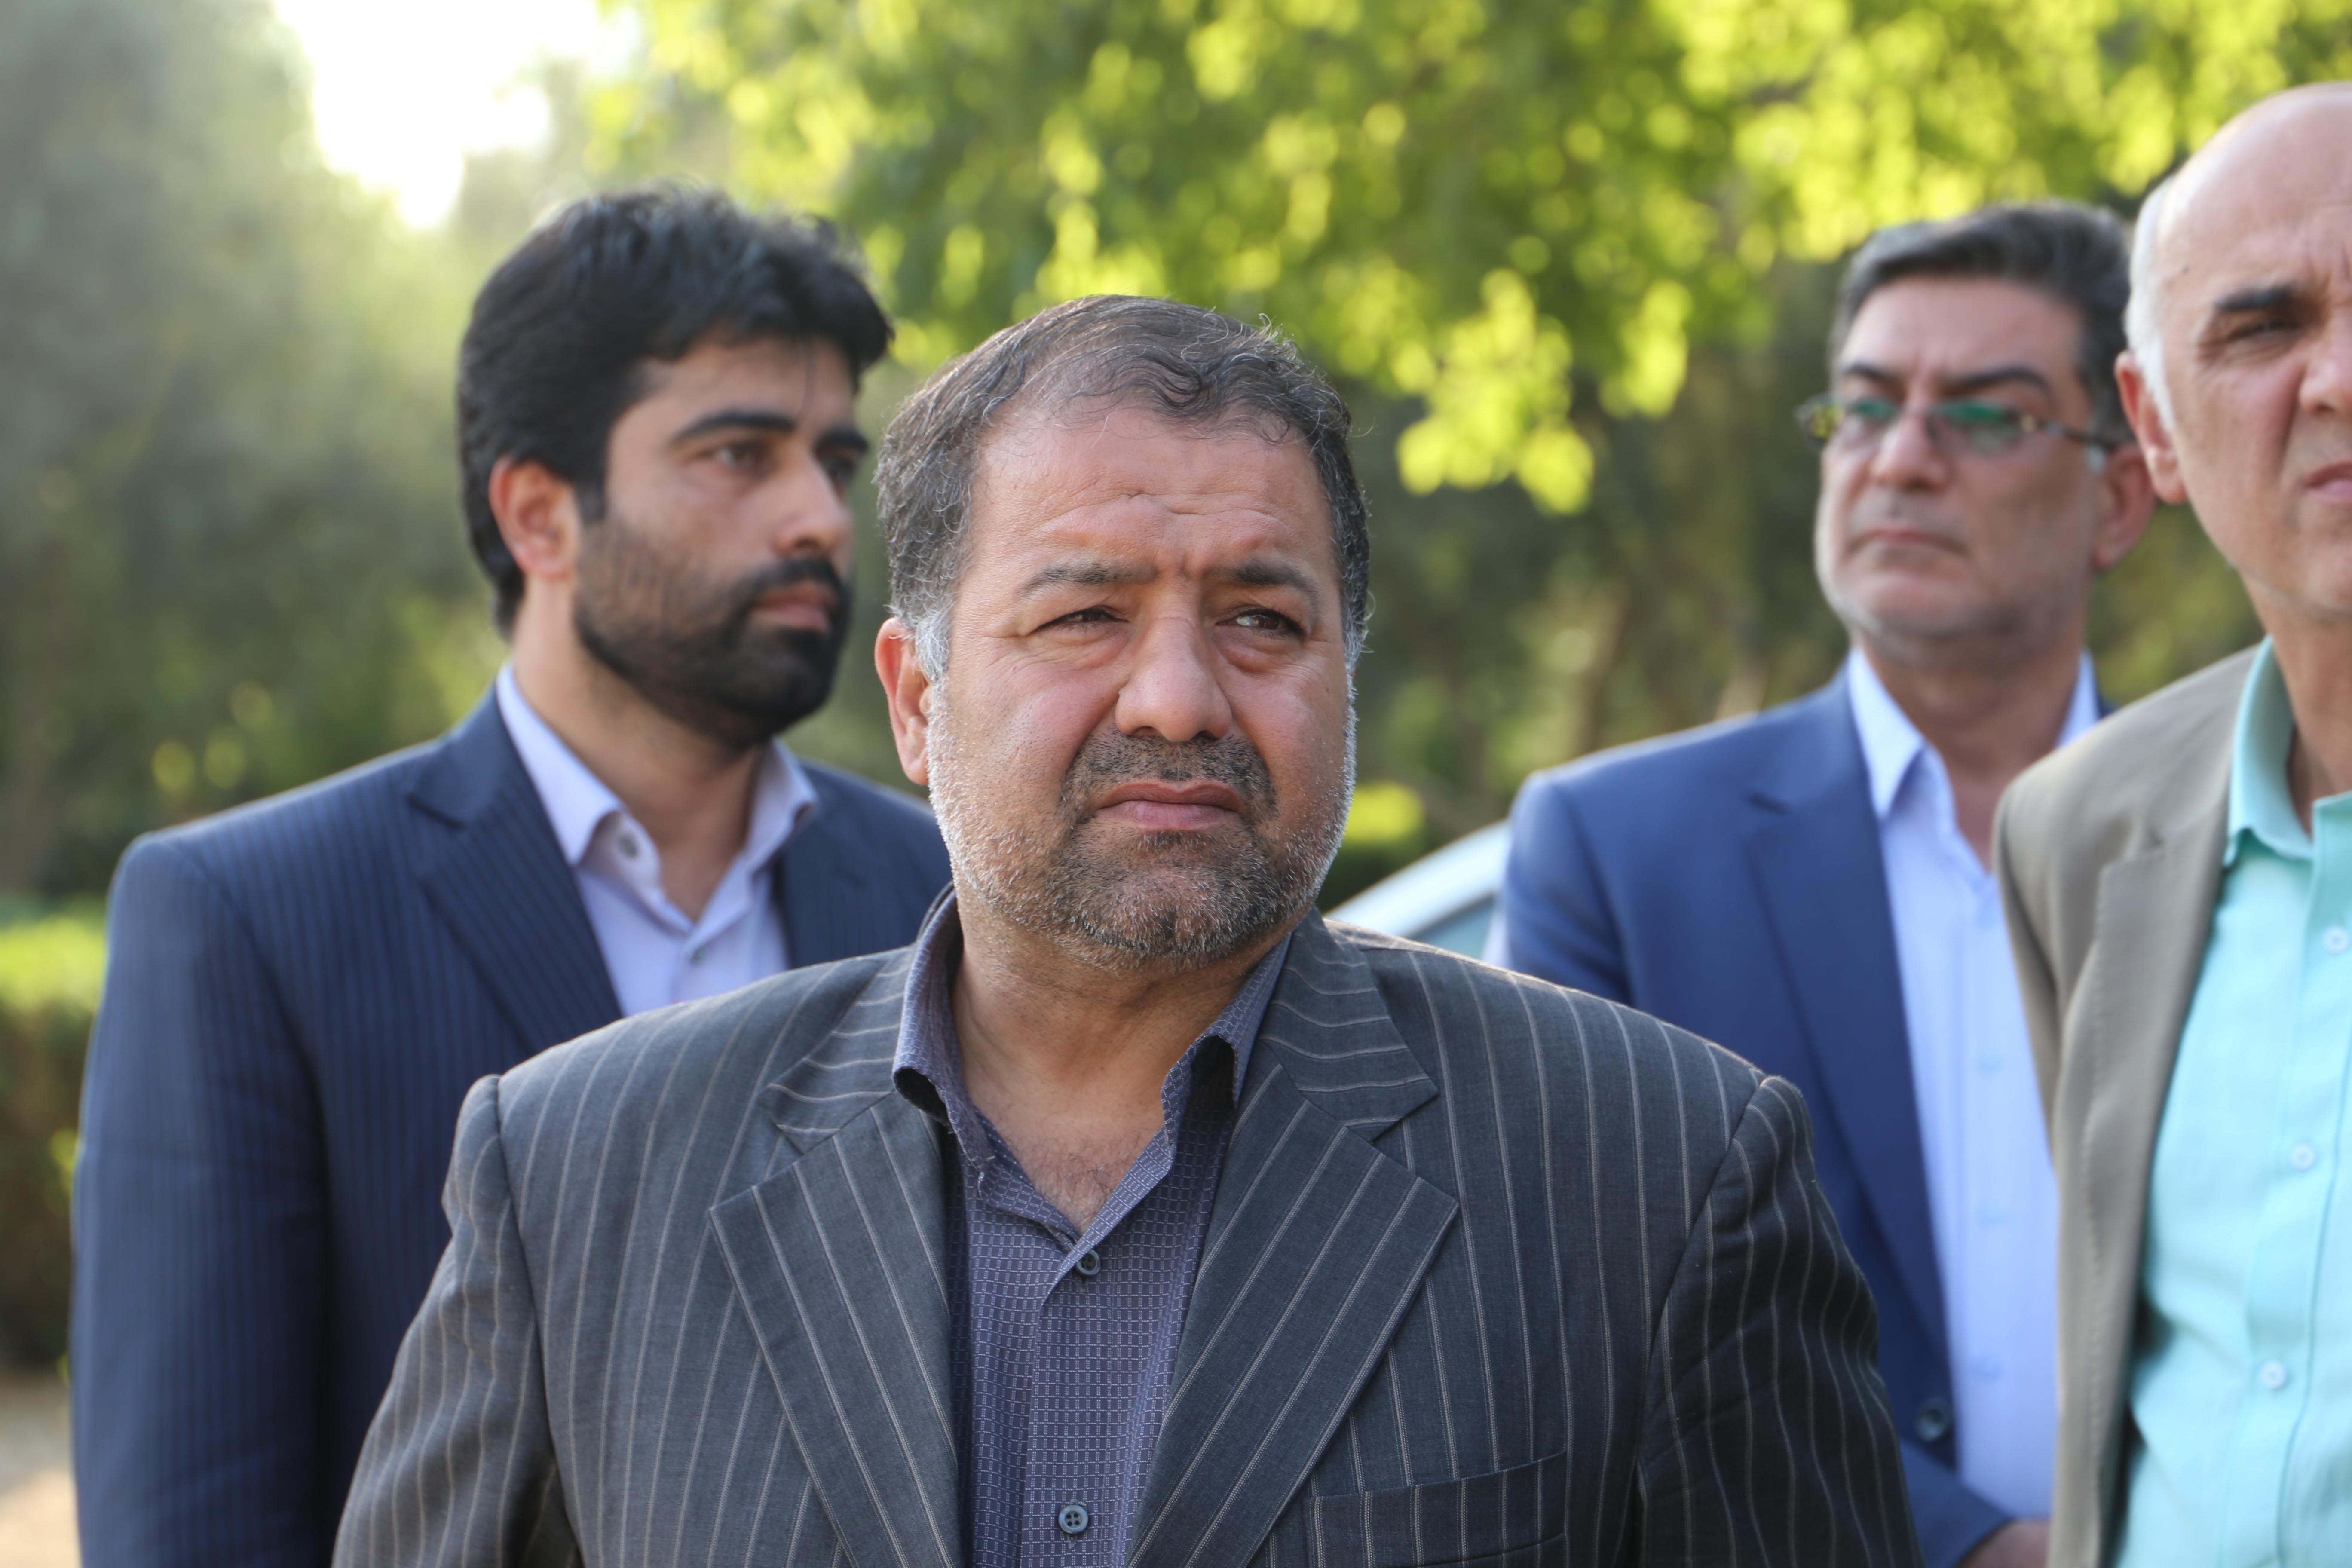 املاک خارج از مقررات توسط شهرداری تهران گزارش و بازپس گیری می شود